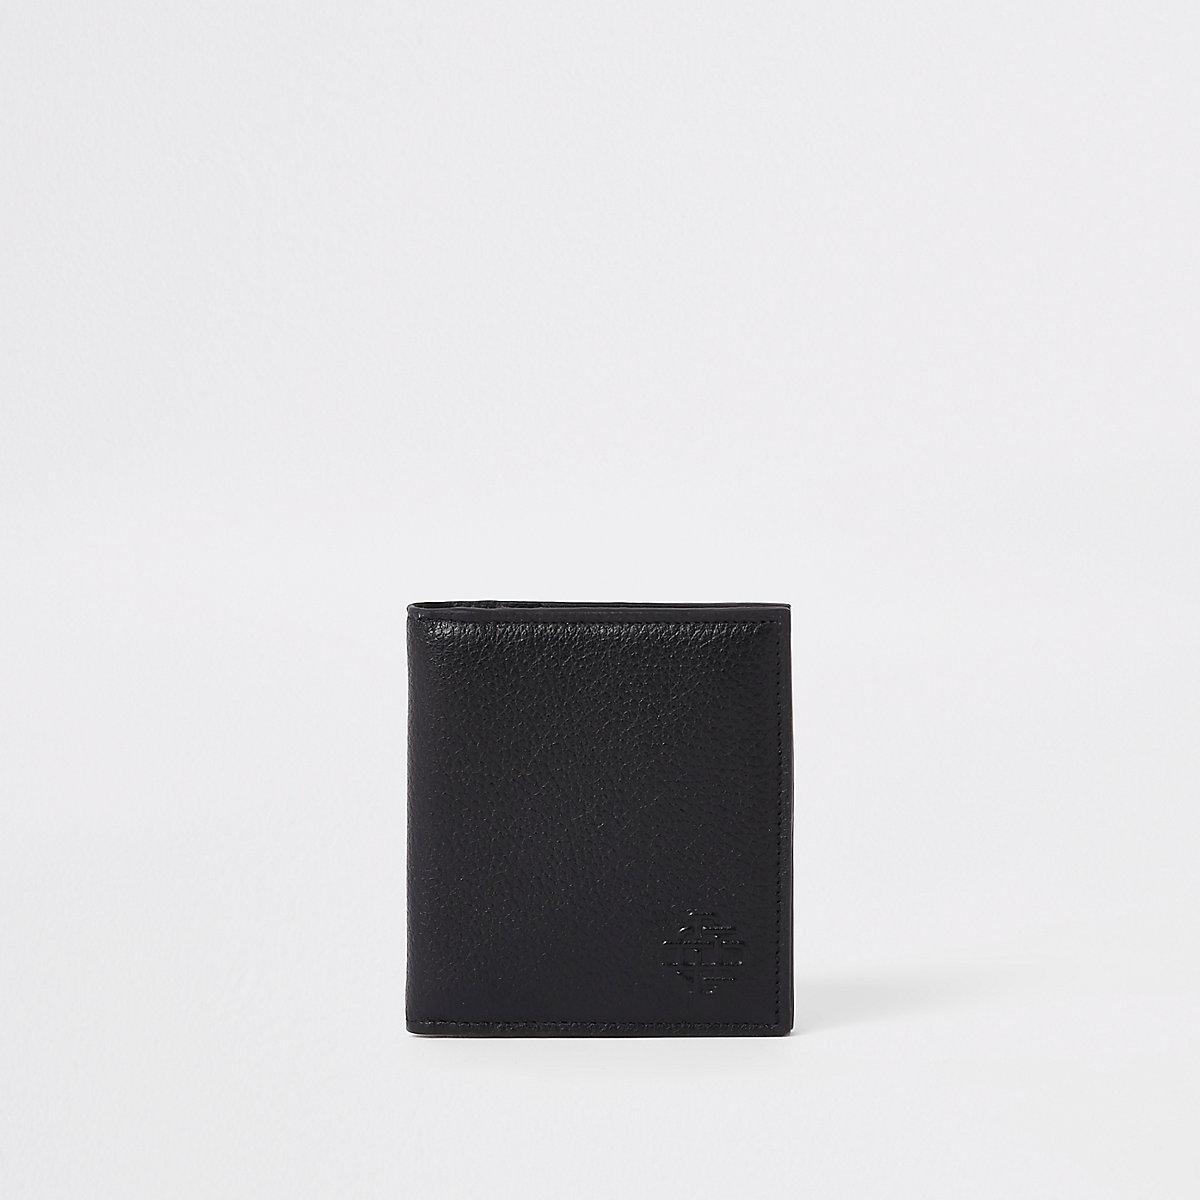 Black leather cardholder